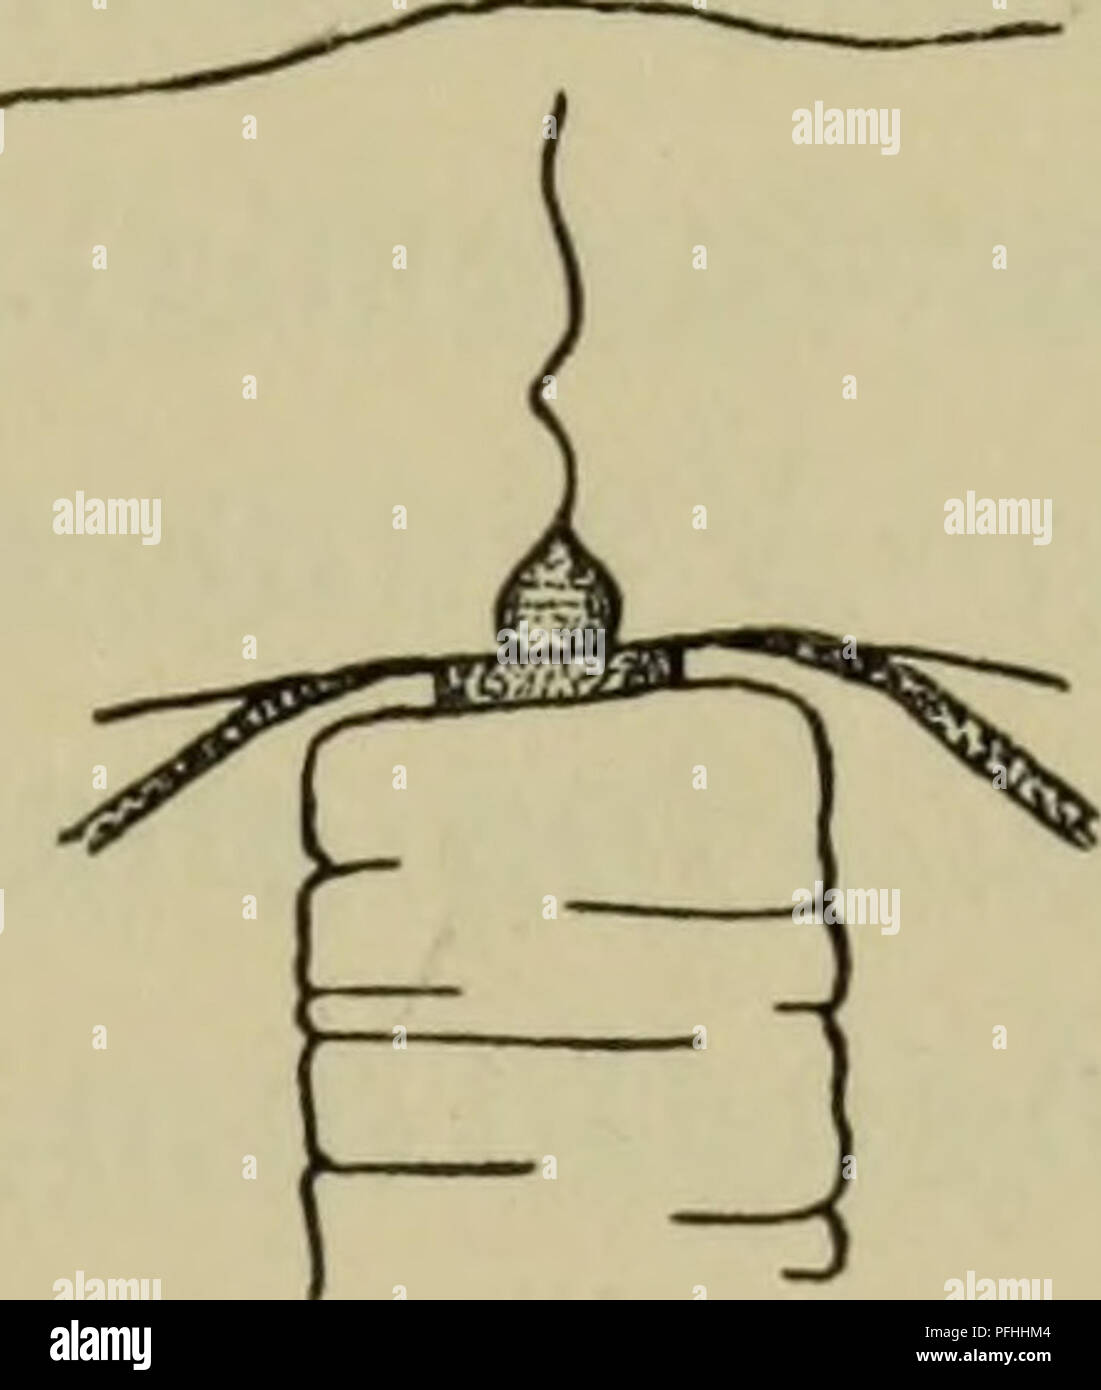 . Illustrerede haandbøger la faune; den danske plus dyreverden... . 19 isaer Margeliderne cyster (HOS). Hyppigst flaskeformet er Maven, af de forskellig Sidevaegge taille; je dens à Gonaderne (som hos enkelte pour straekke- mer kan sig et kort Stykke ud langs Radiaerkanalerne). Gonaderne kan danne en anneau sluttet runt Manubrium eller ved lodrette Stri- ber være delt i 4 8 adradiale interradiale eller Dele (sjaeldnere er der 5 eller et andet Antal Gonader). Undertiden faestet er ikke Maven direkte til sous-ombrelle, les hommes jusqu'en udgaaende gelatinøs fra dennes Midte Udvaext, der kaldes Ma Banque D'Images